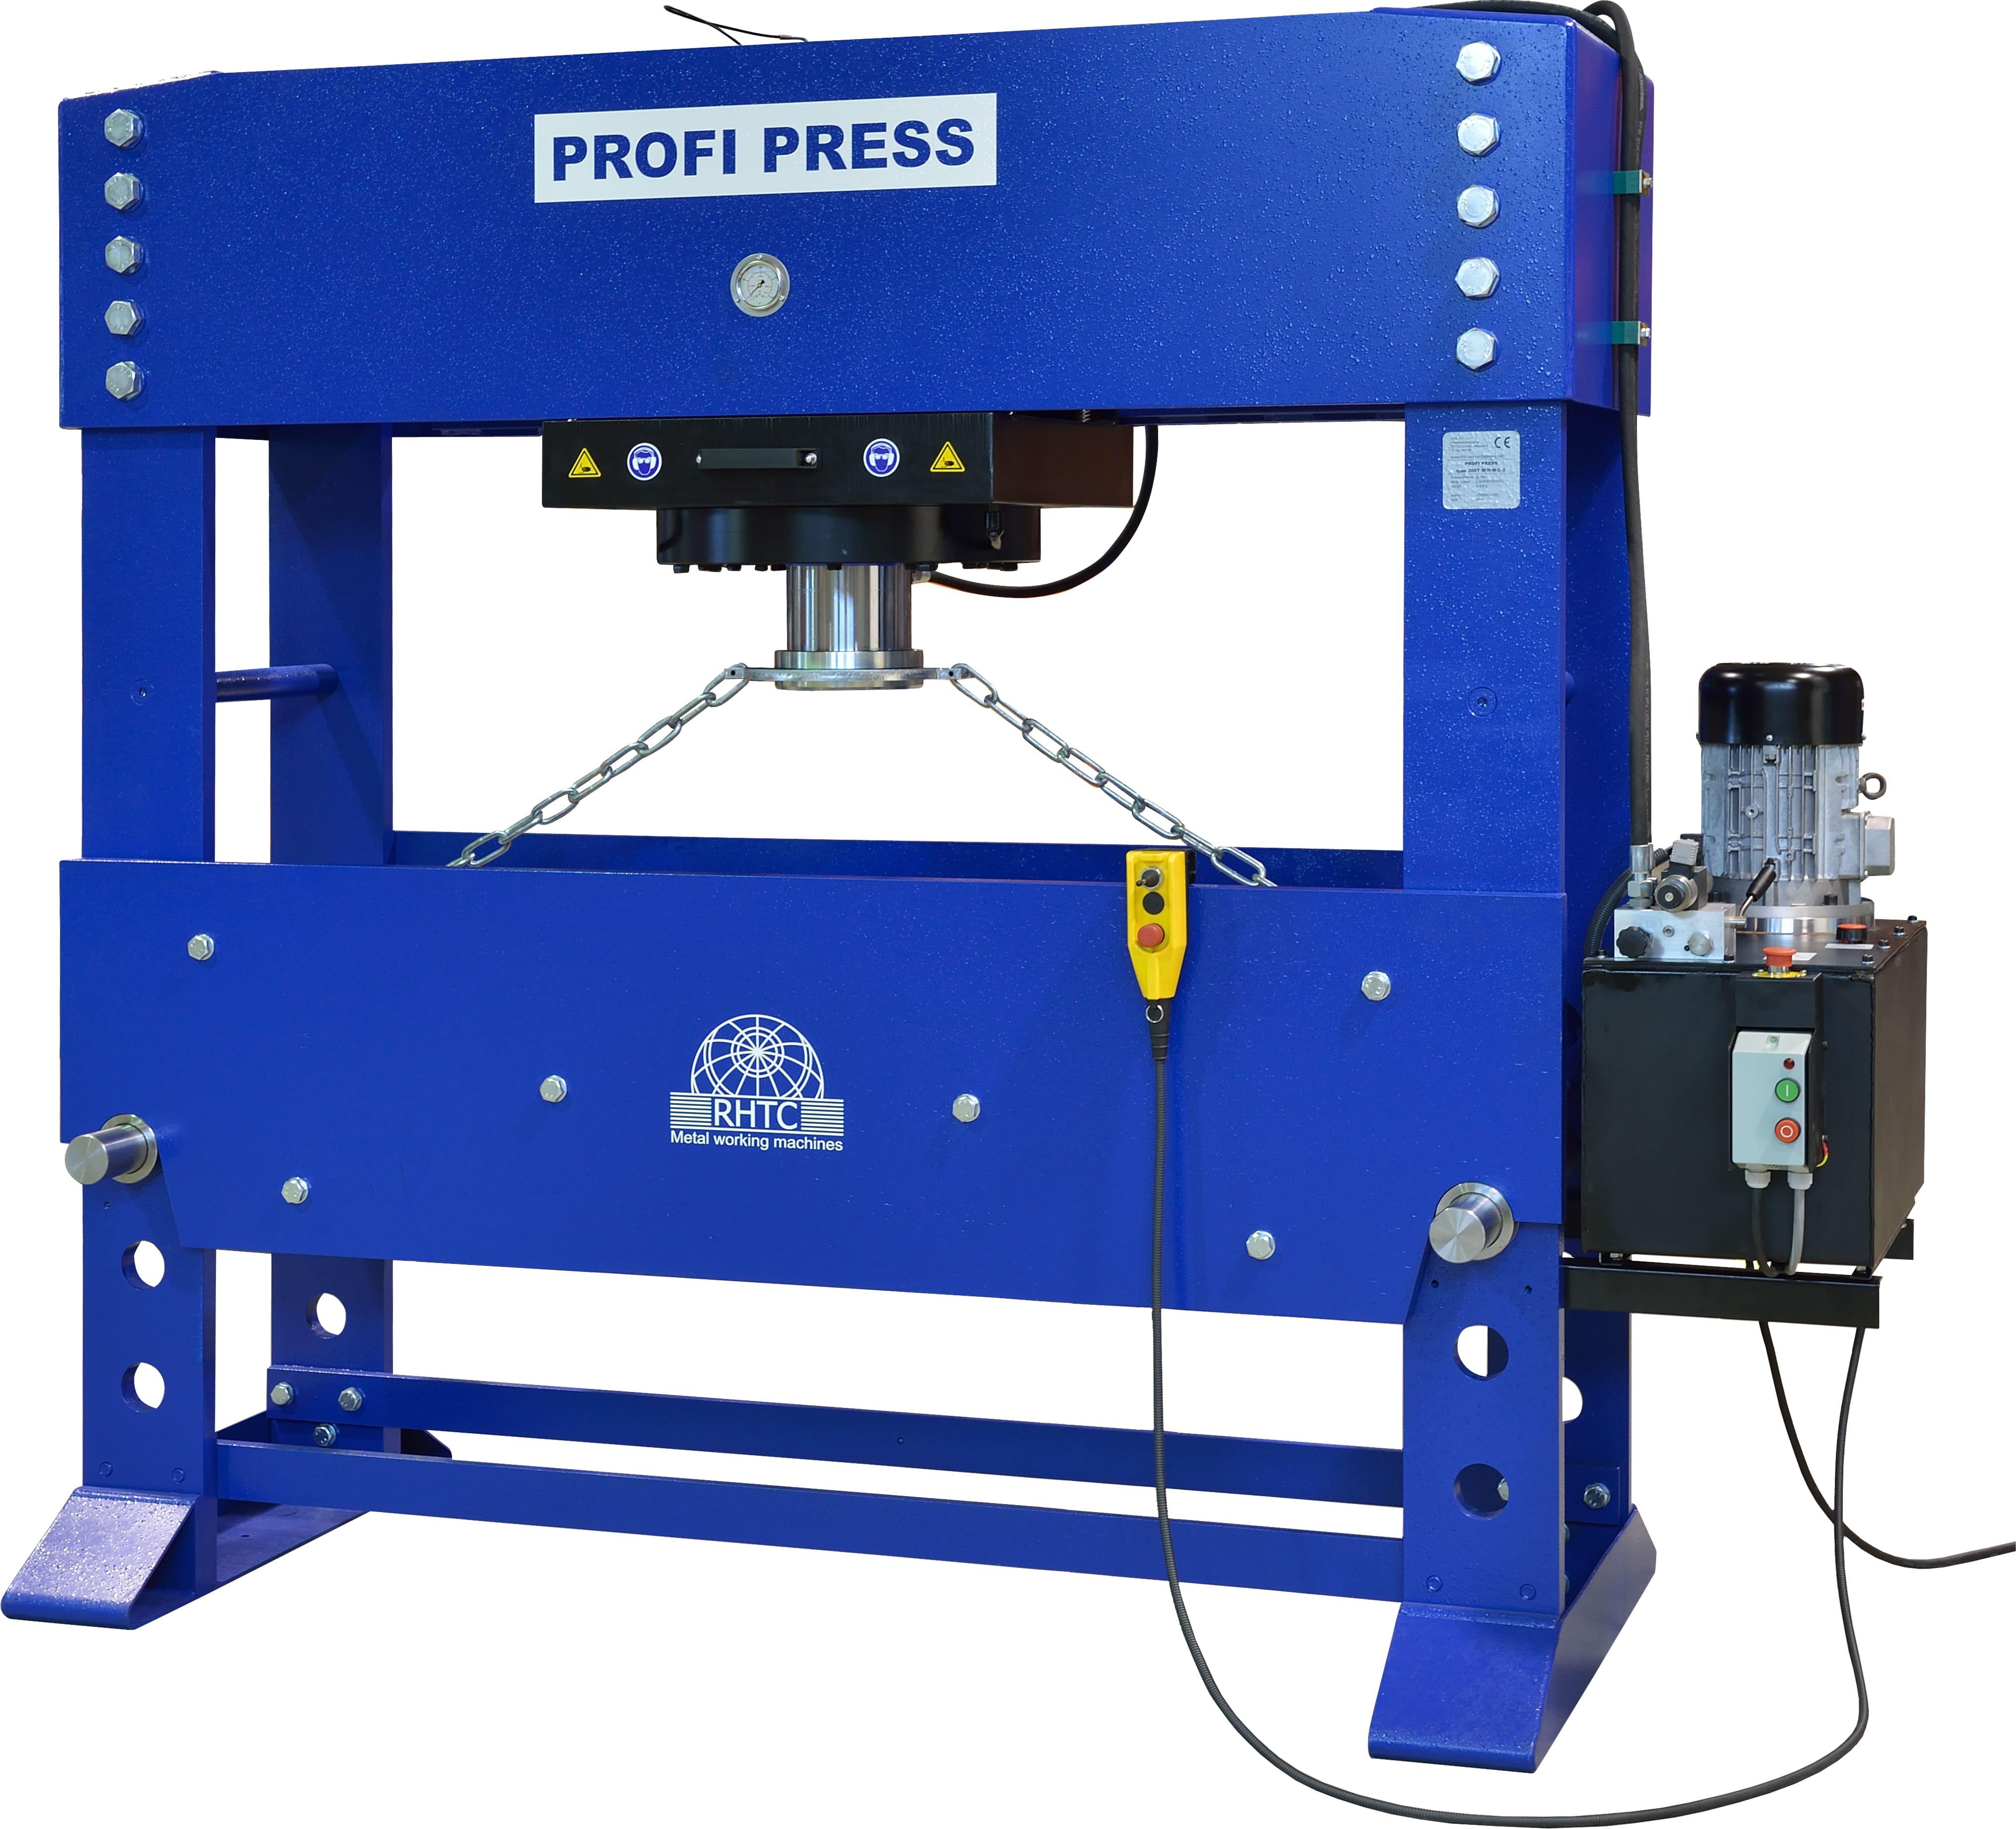 Hand Remote for Workshop Press